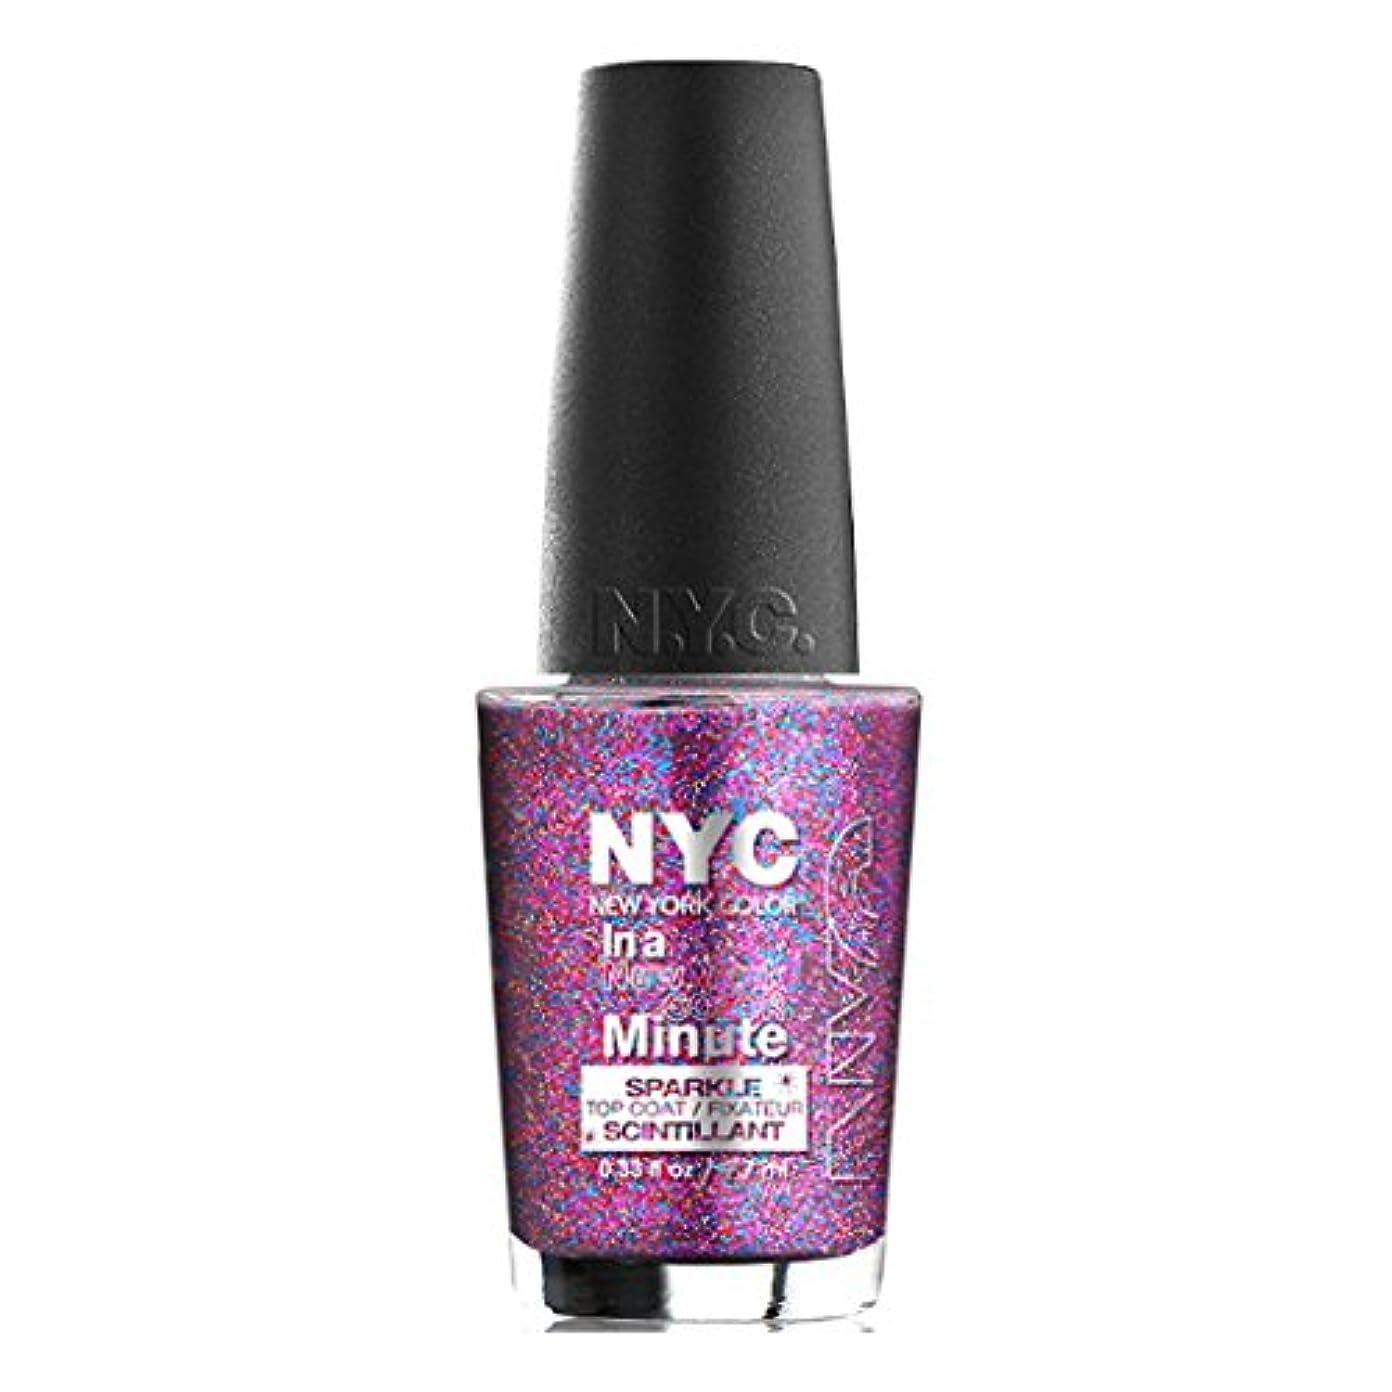 深遠アナウンサースケルトン(6 Pack) NYC In A New York Color Minute Sparkle Top Coat - Big City Dazzle (並行輸入品)